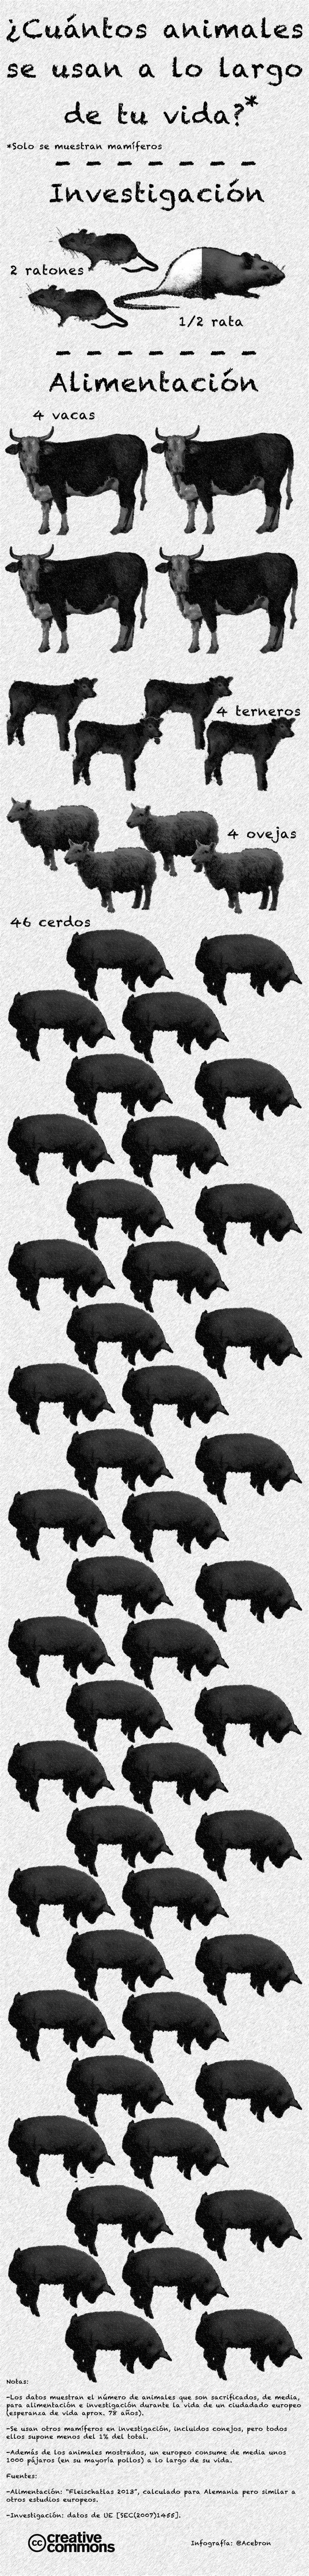 ¿Cuántos animales se usan a lo largo de tu vida en alimentación e investigación? - Naukas